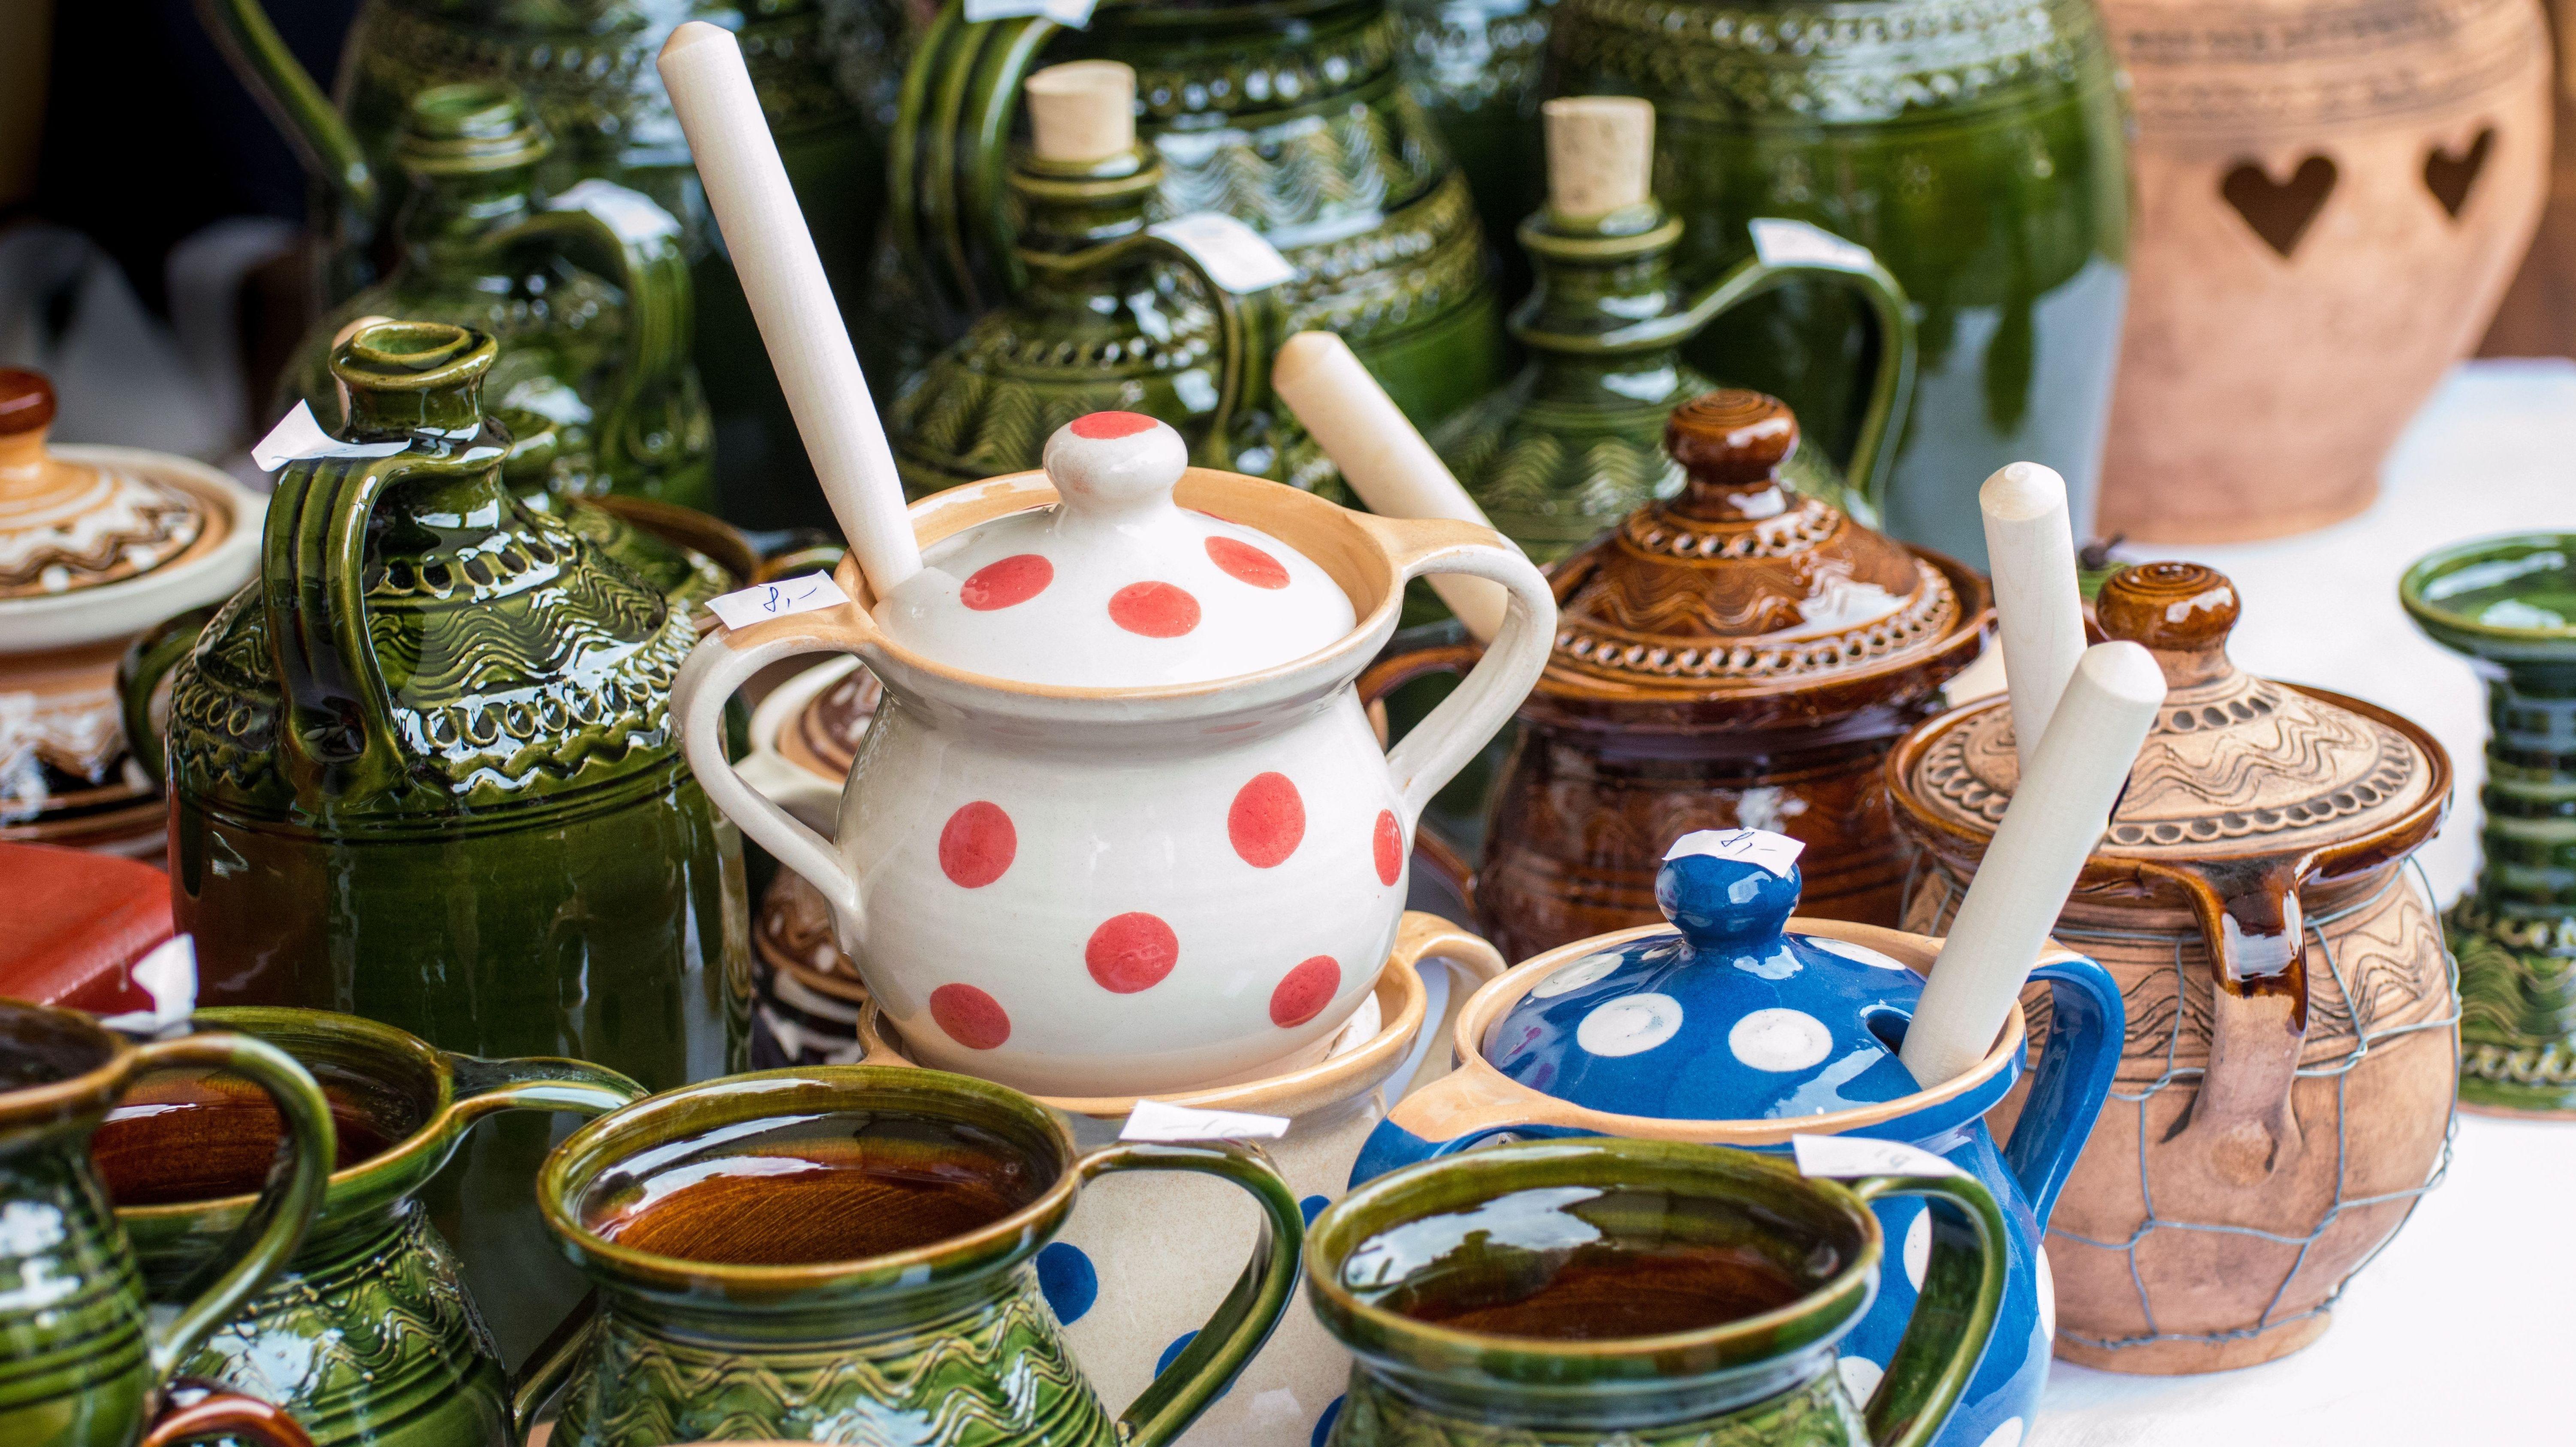 Artículos de cerámica